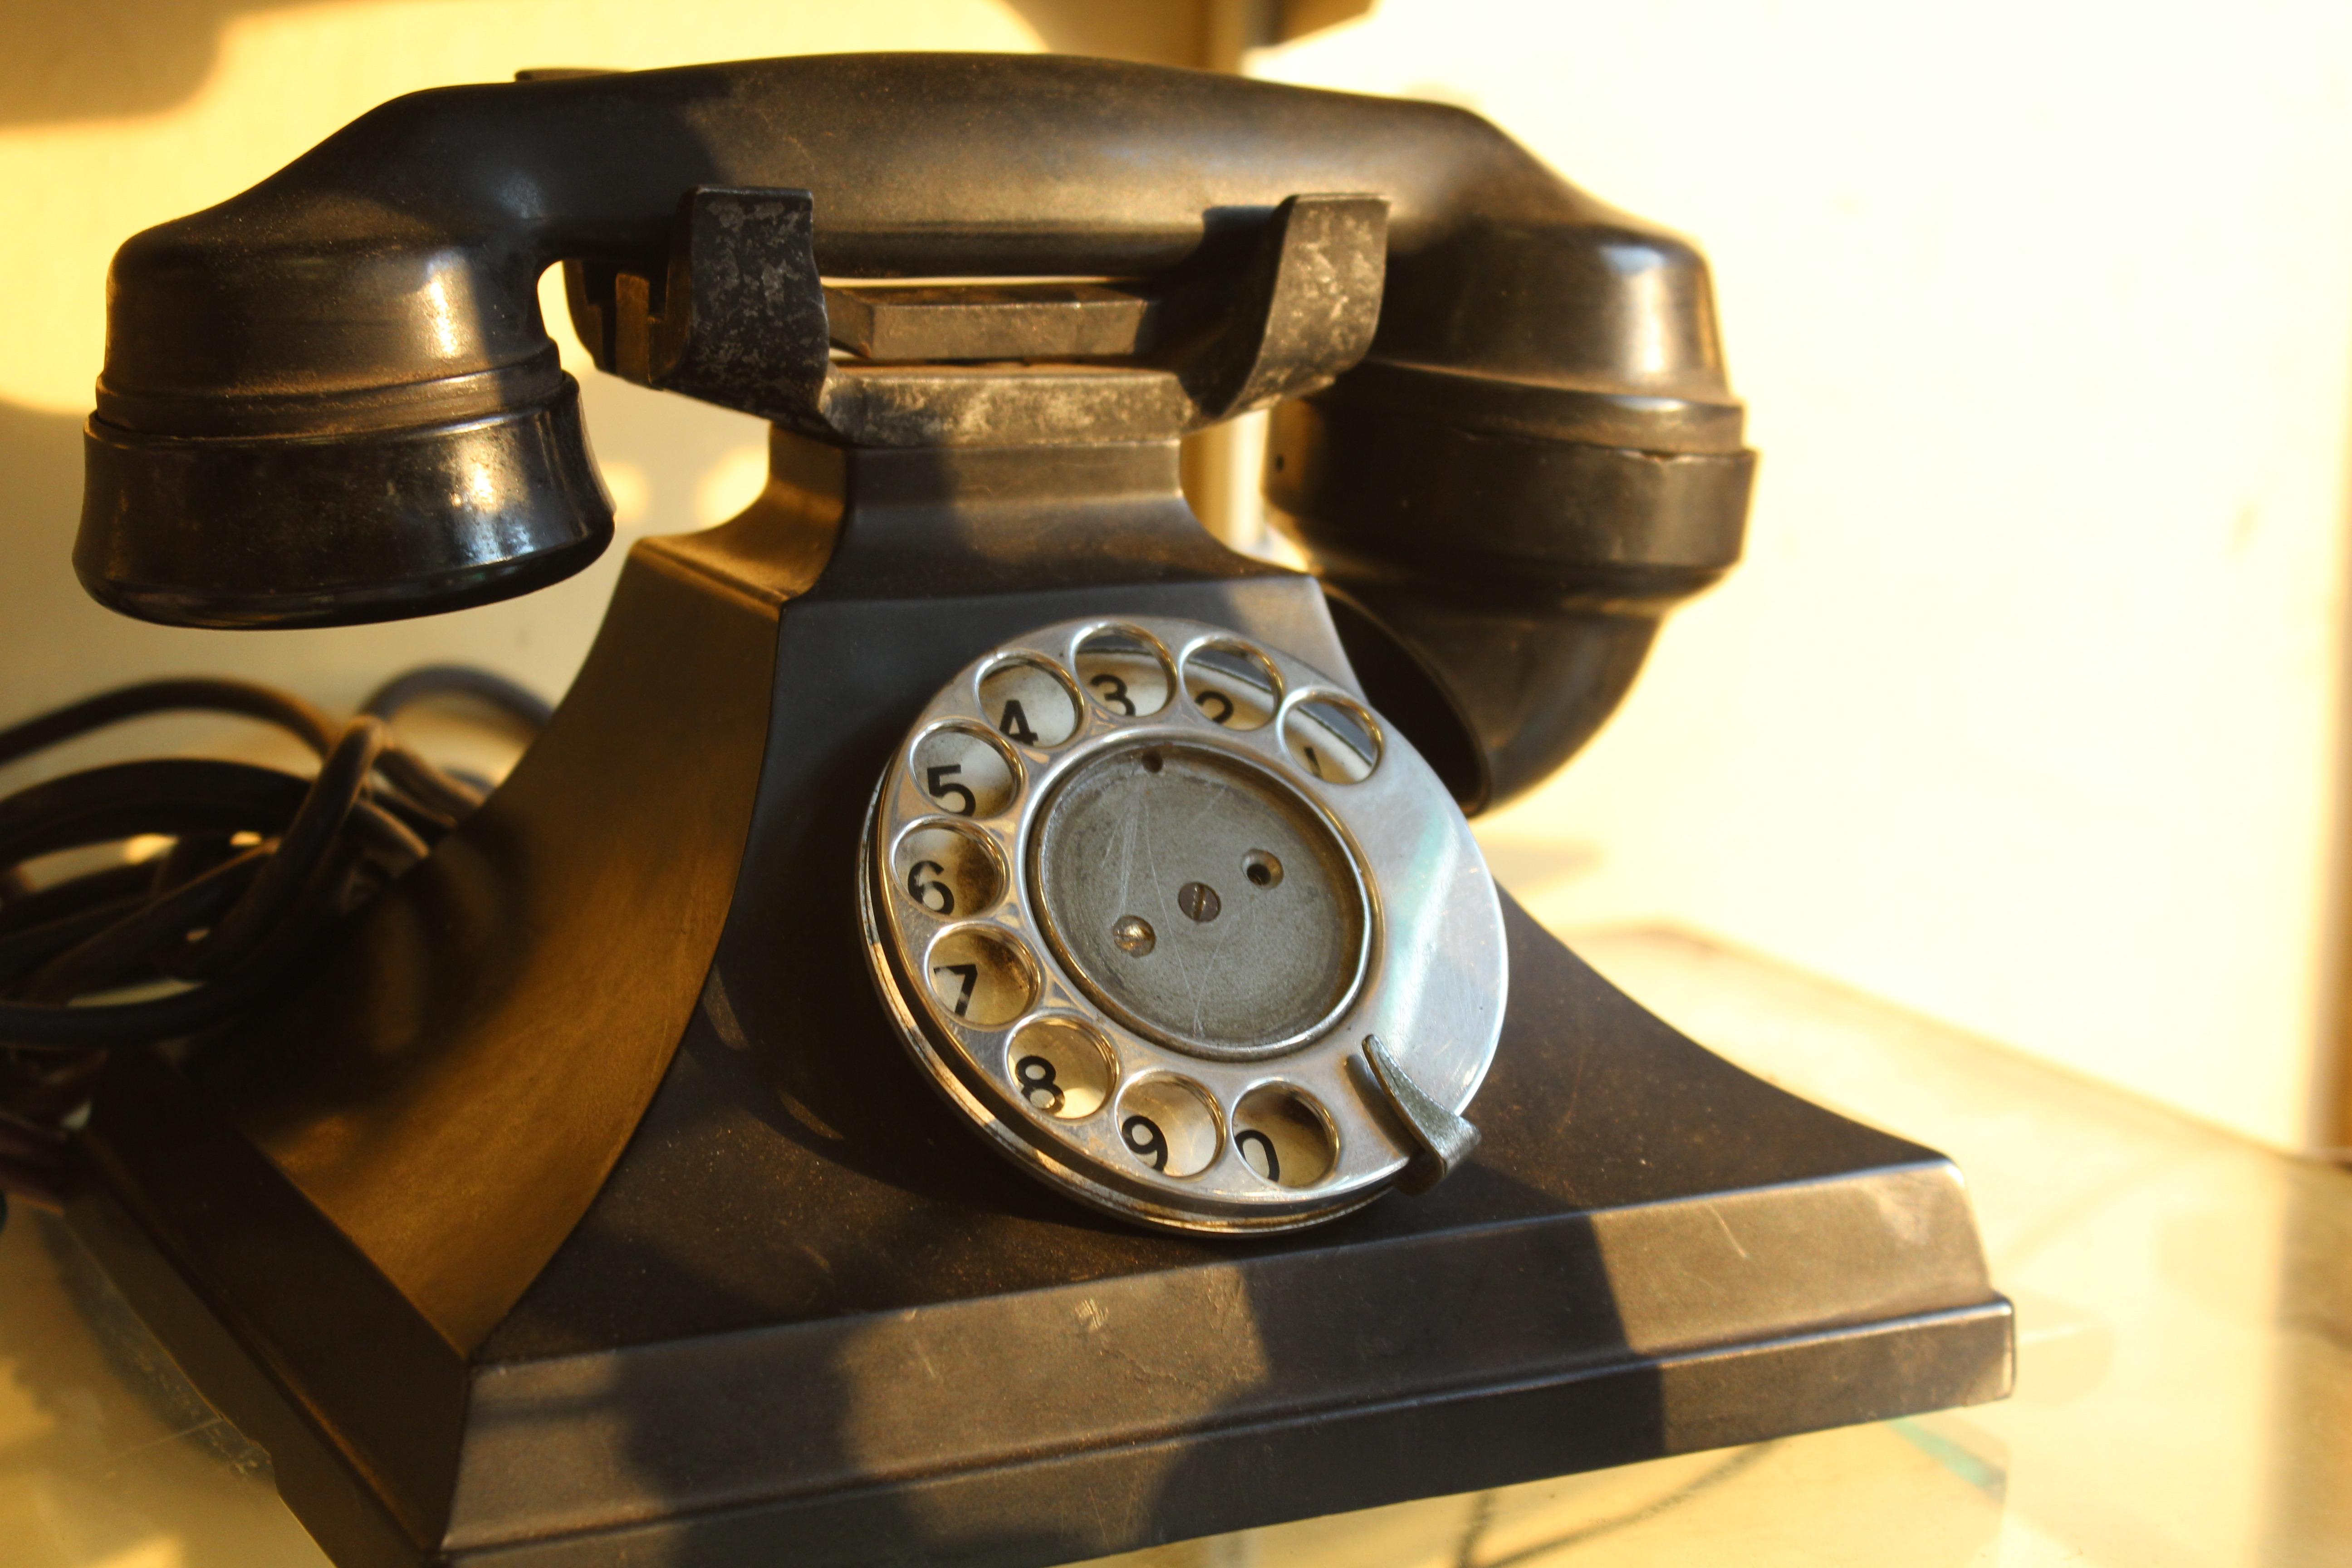 geistheilung ber das telefon wie geht das lebe lieber leicht und frei. Black Bedroom Furniture Sets. Home Design Ideas